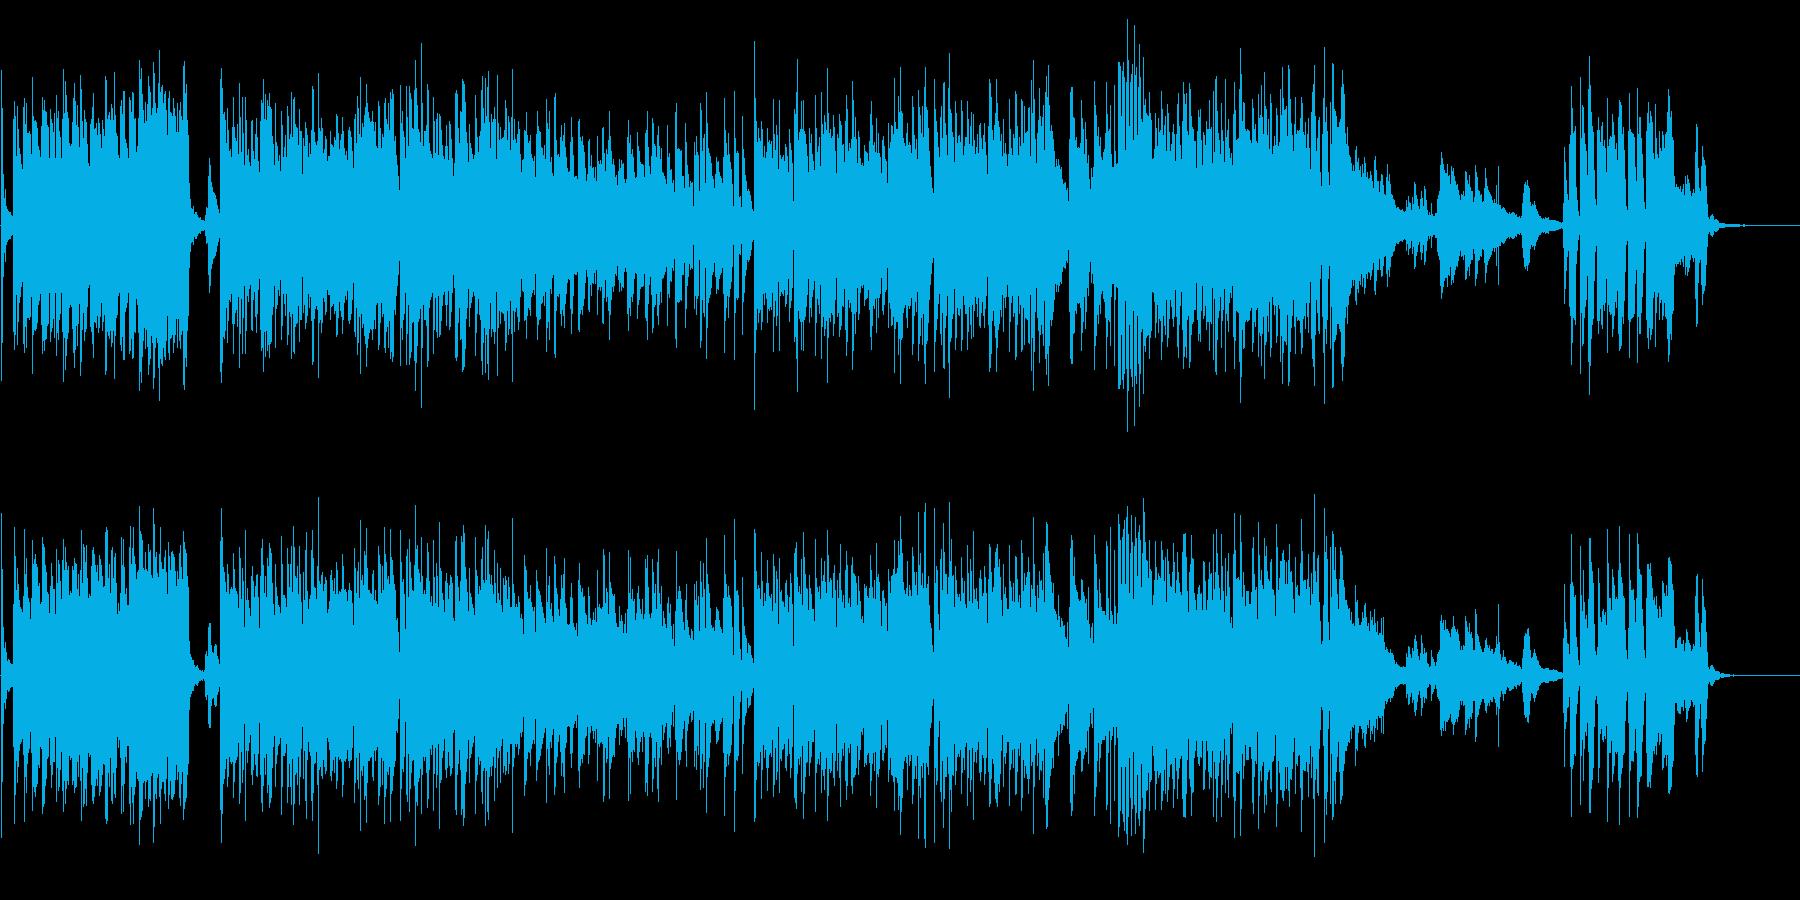 オシャレでかっこいいジャズピアノ-短縮版の再生済みの波形